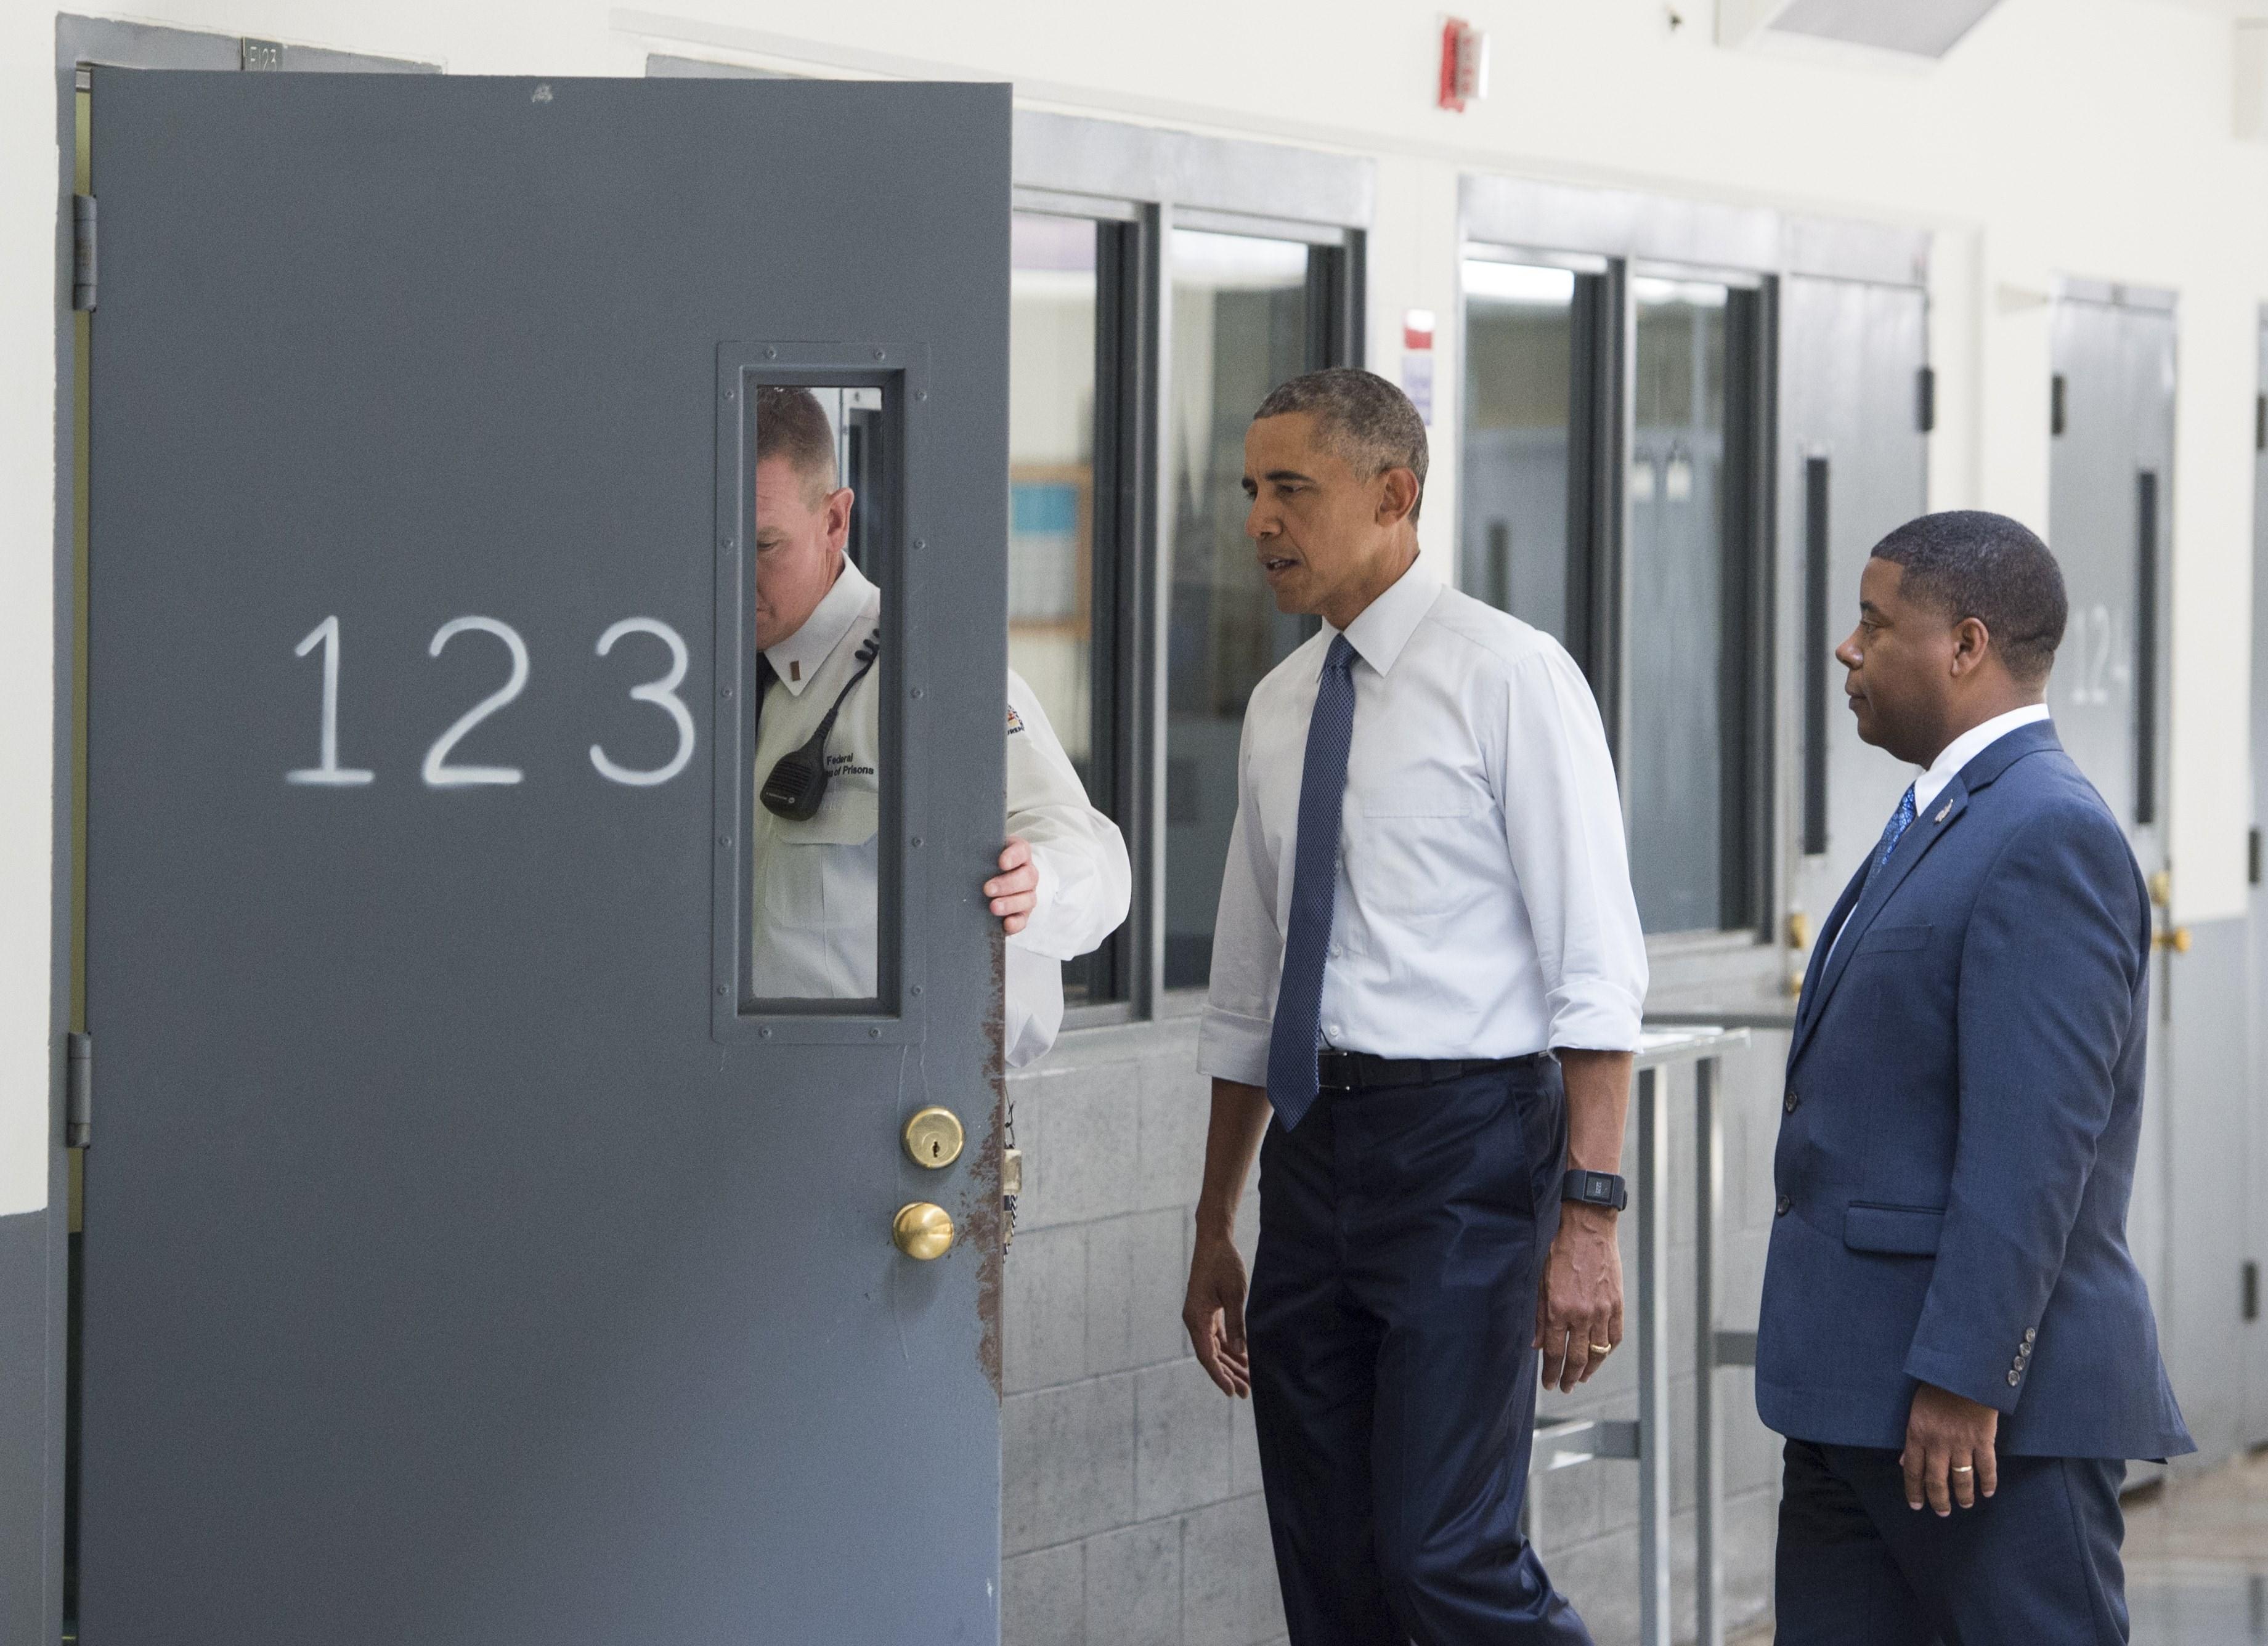 President Obama, Barack Obama, jail, El Reno, prison reform